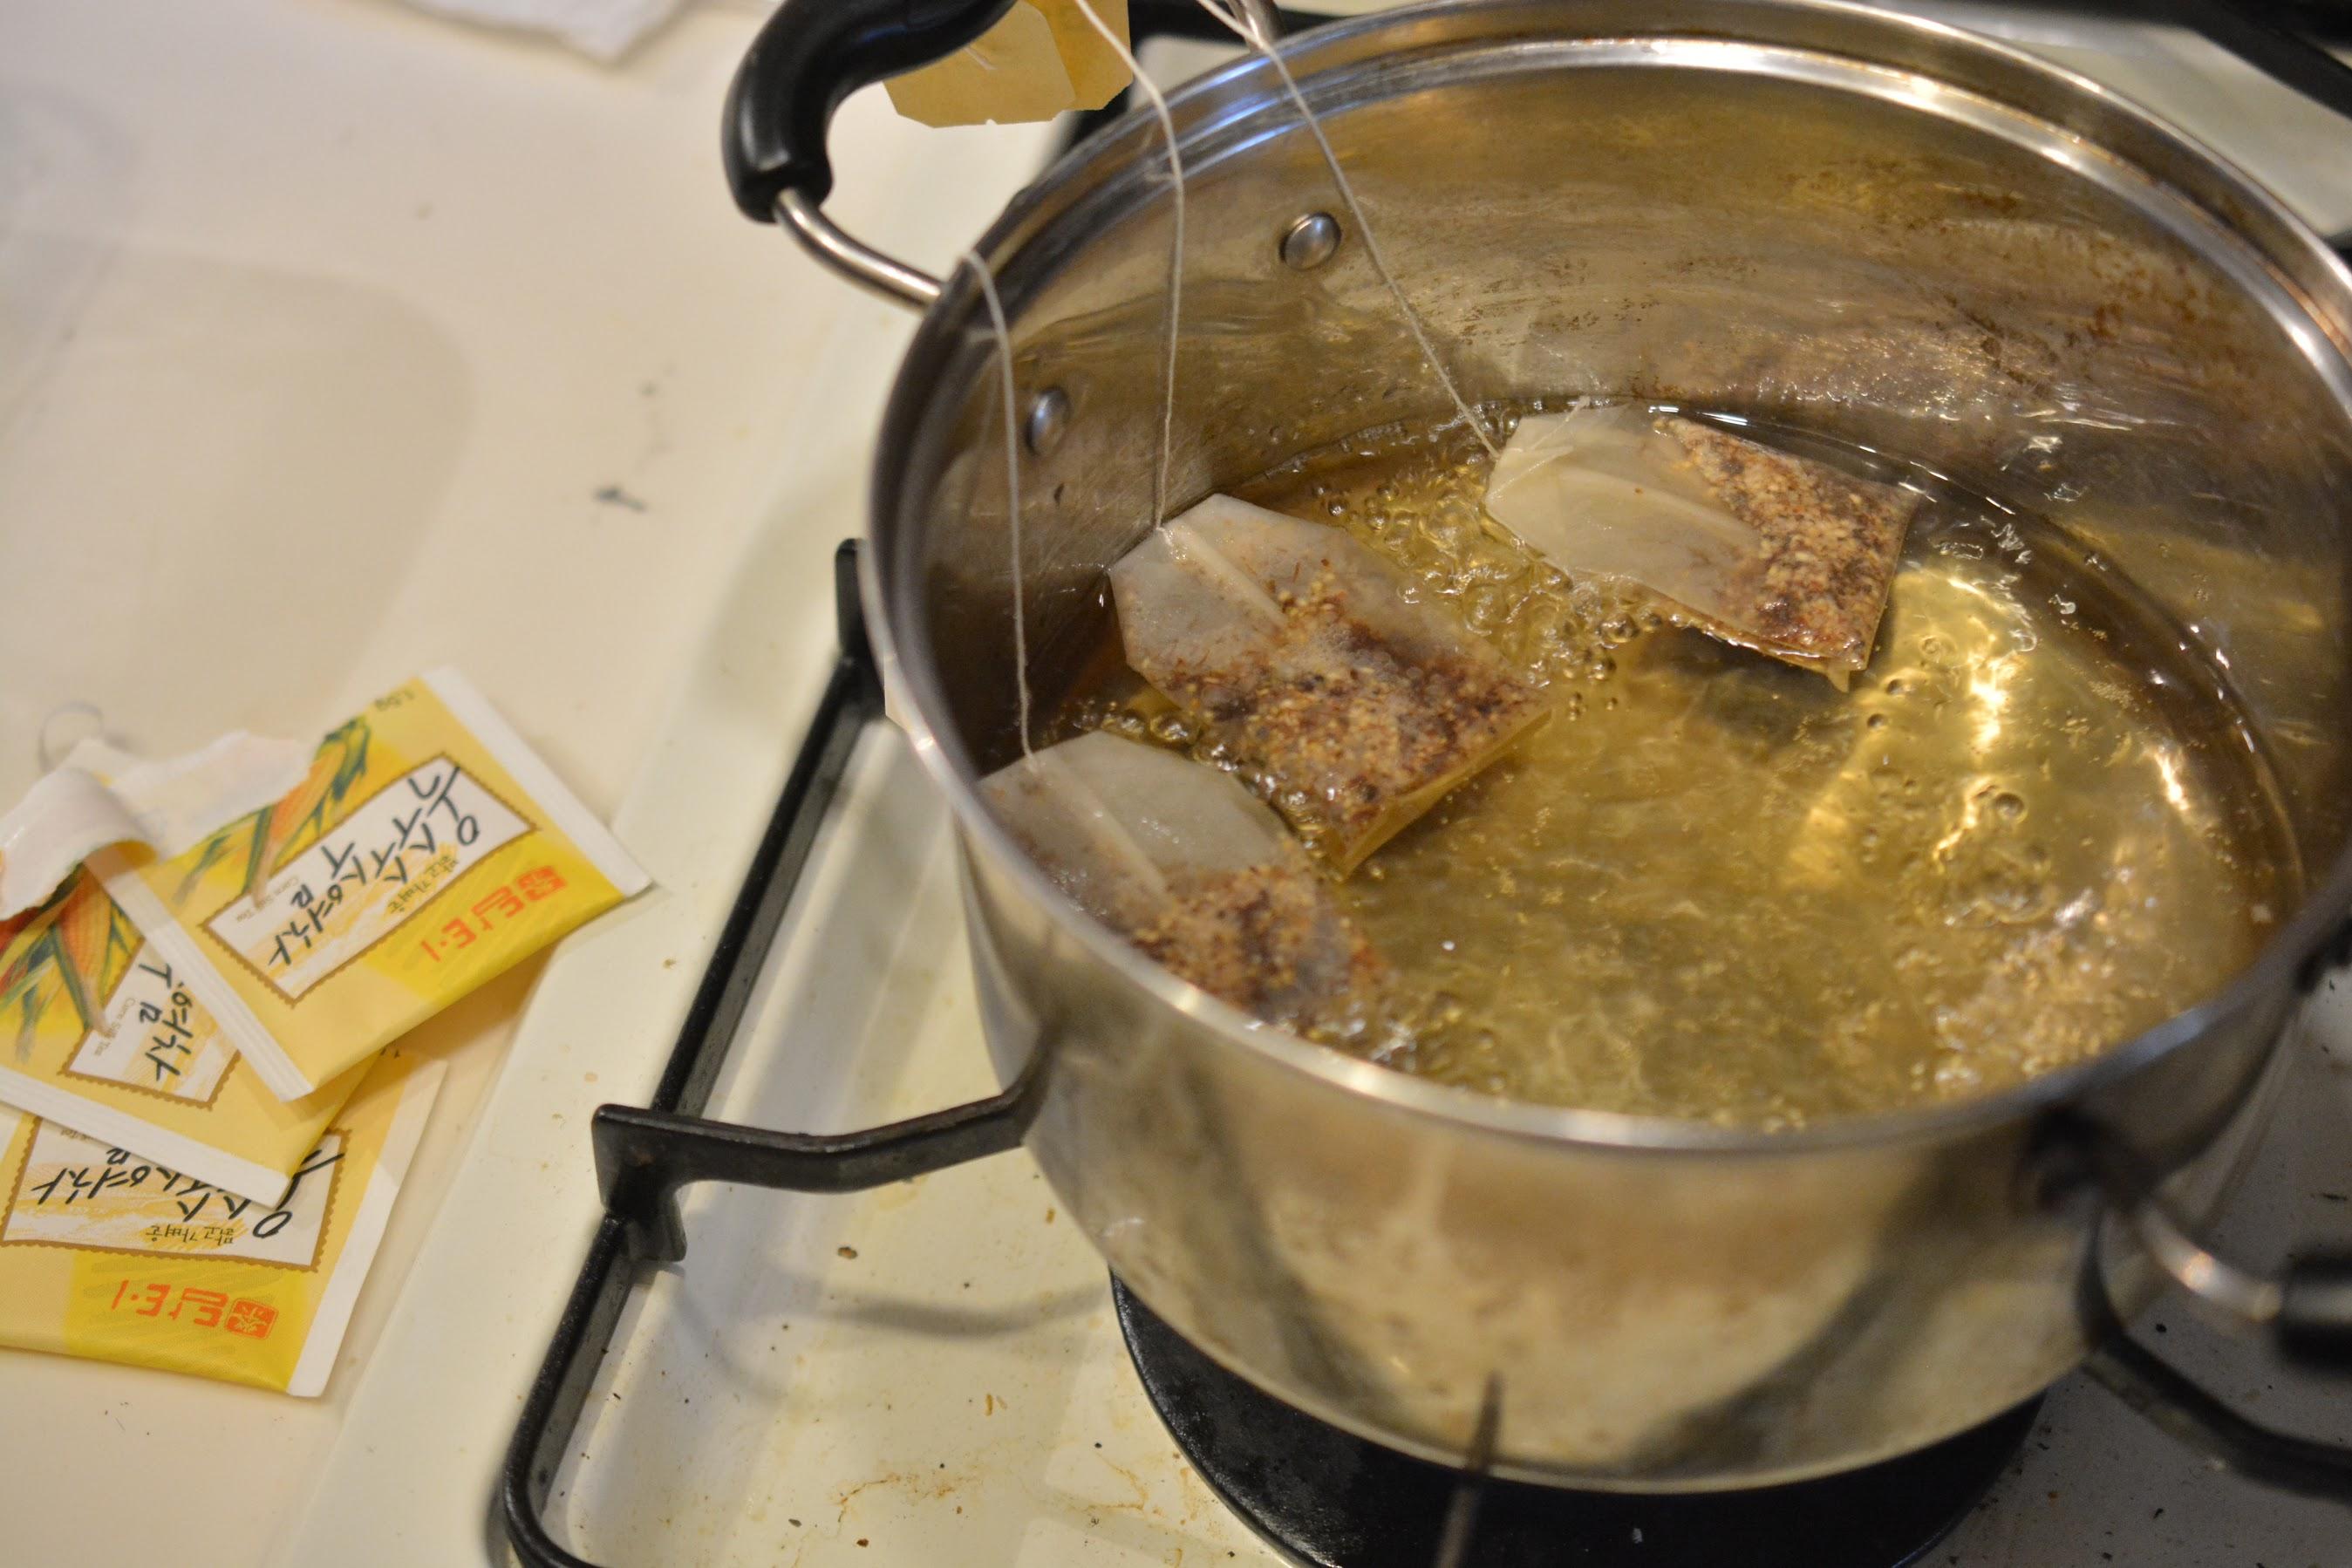 オピネルナイフ No.10 黒錆加工 紅茶を濃いめに煮出す